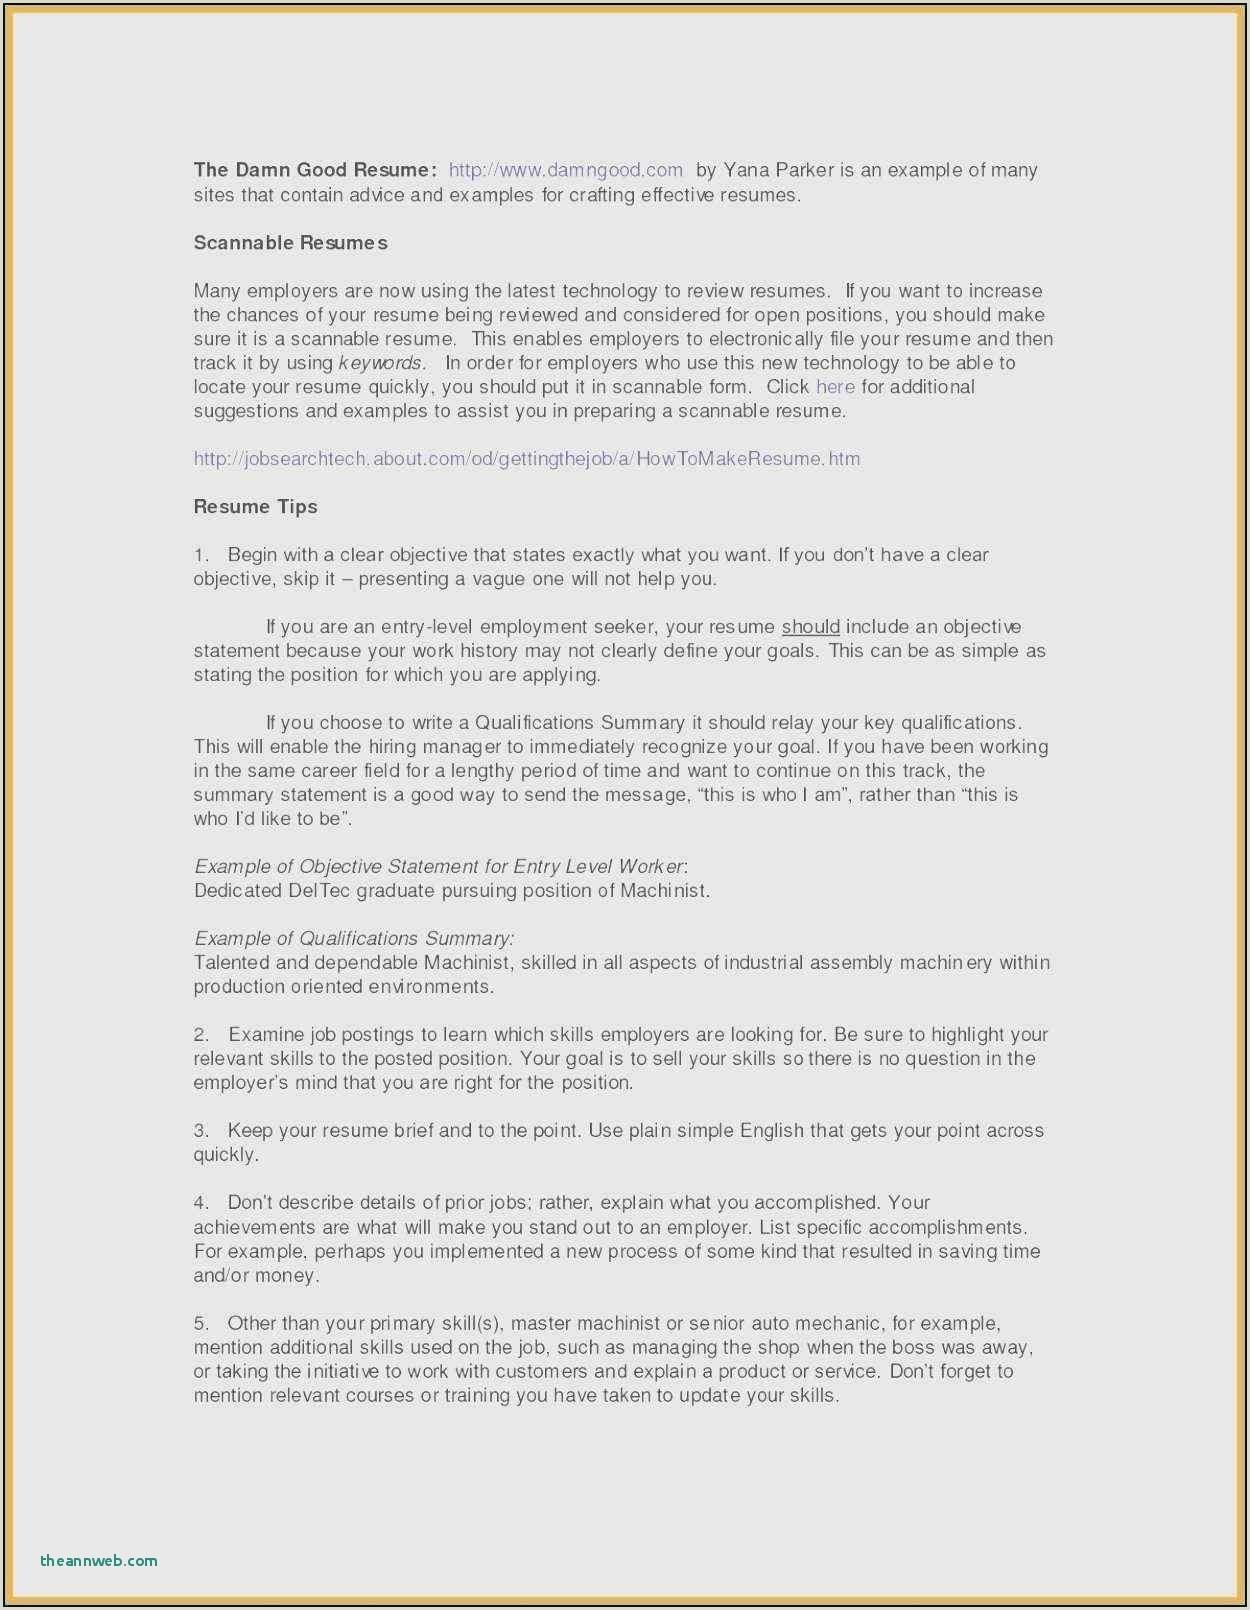 Resume for Accountant Job Best Covering Letter for Cv